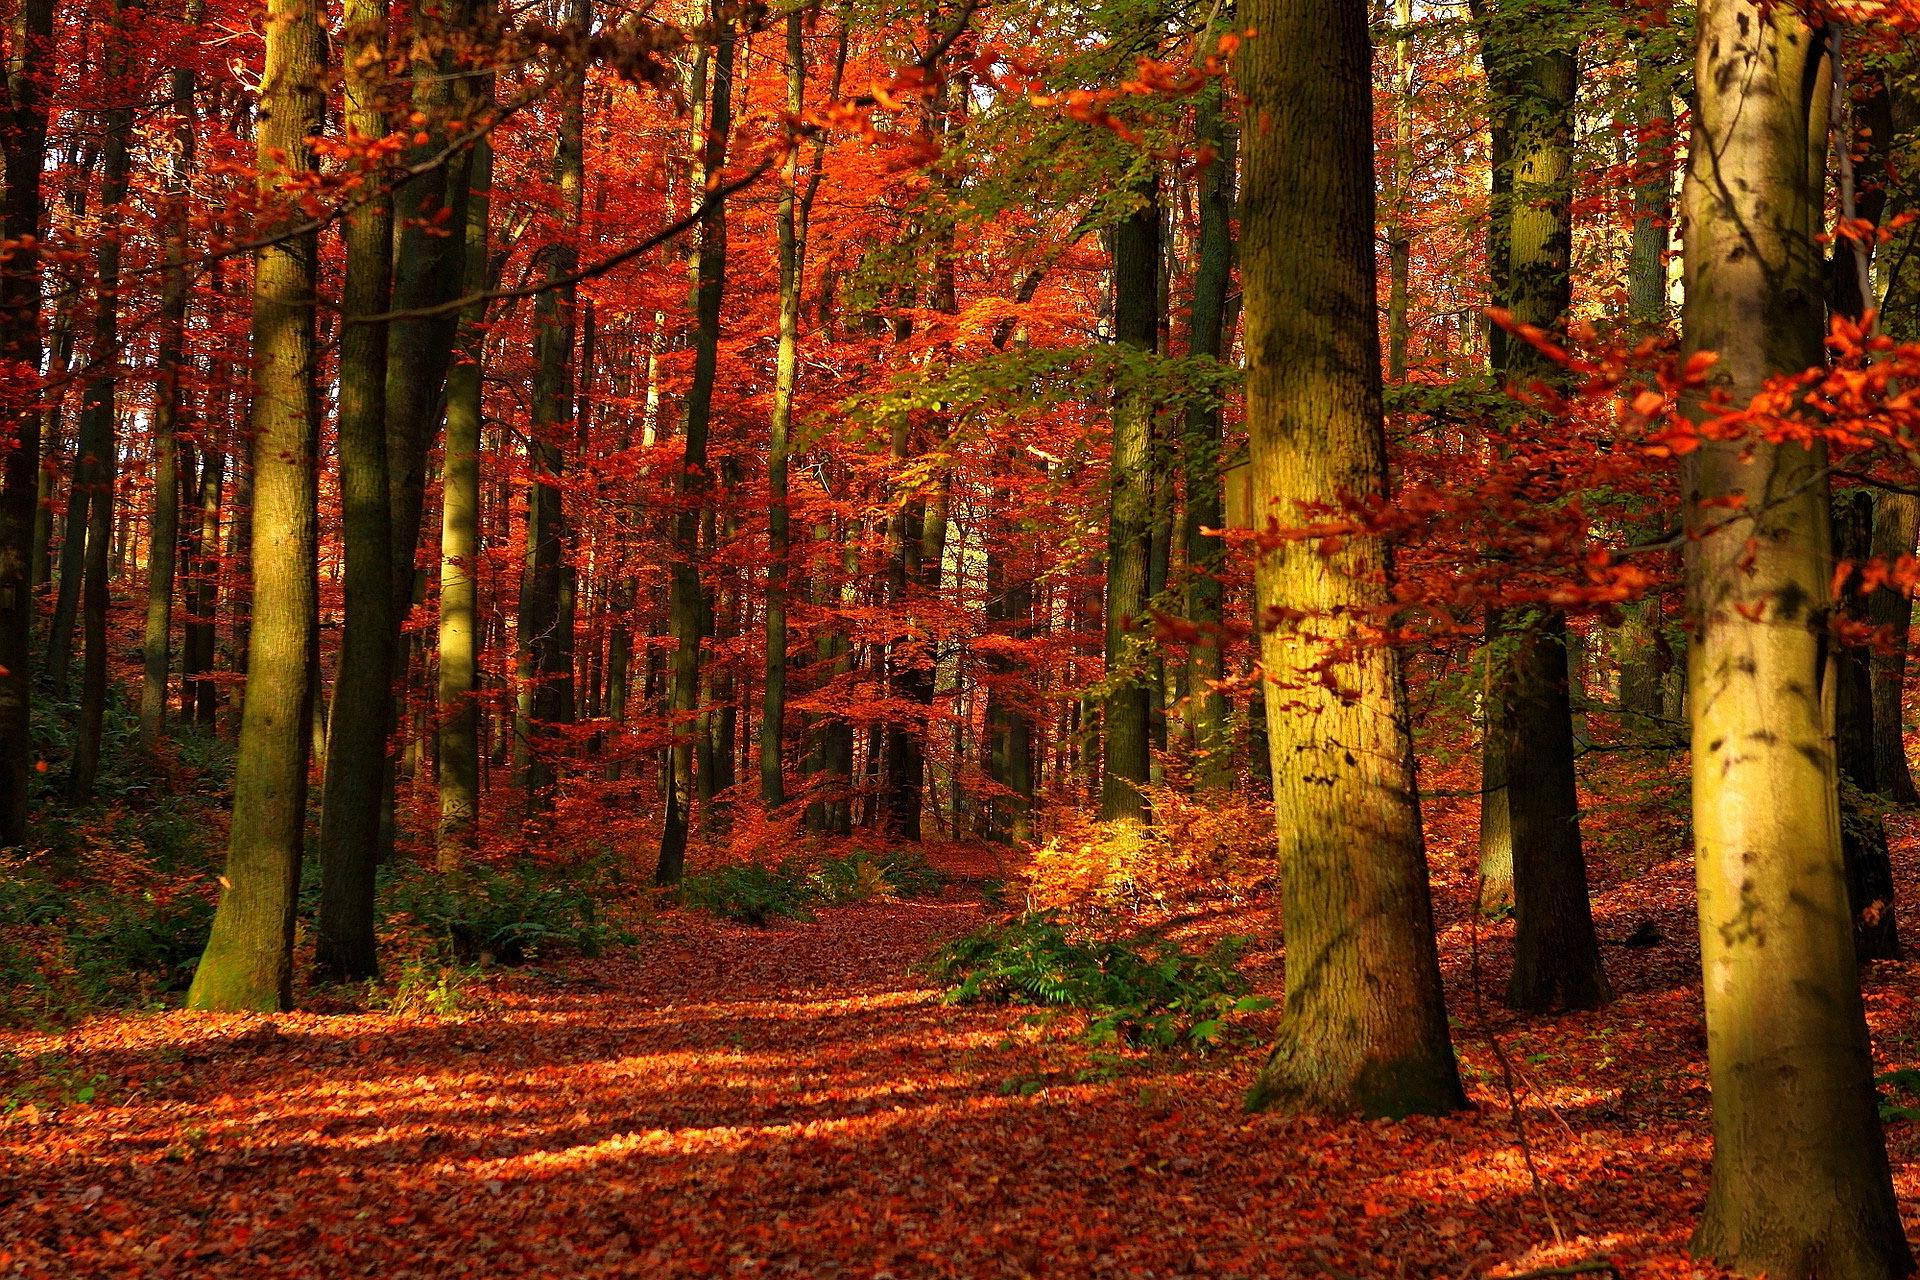 осень, красные деревья в лесу осенью